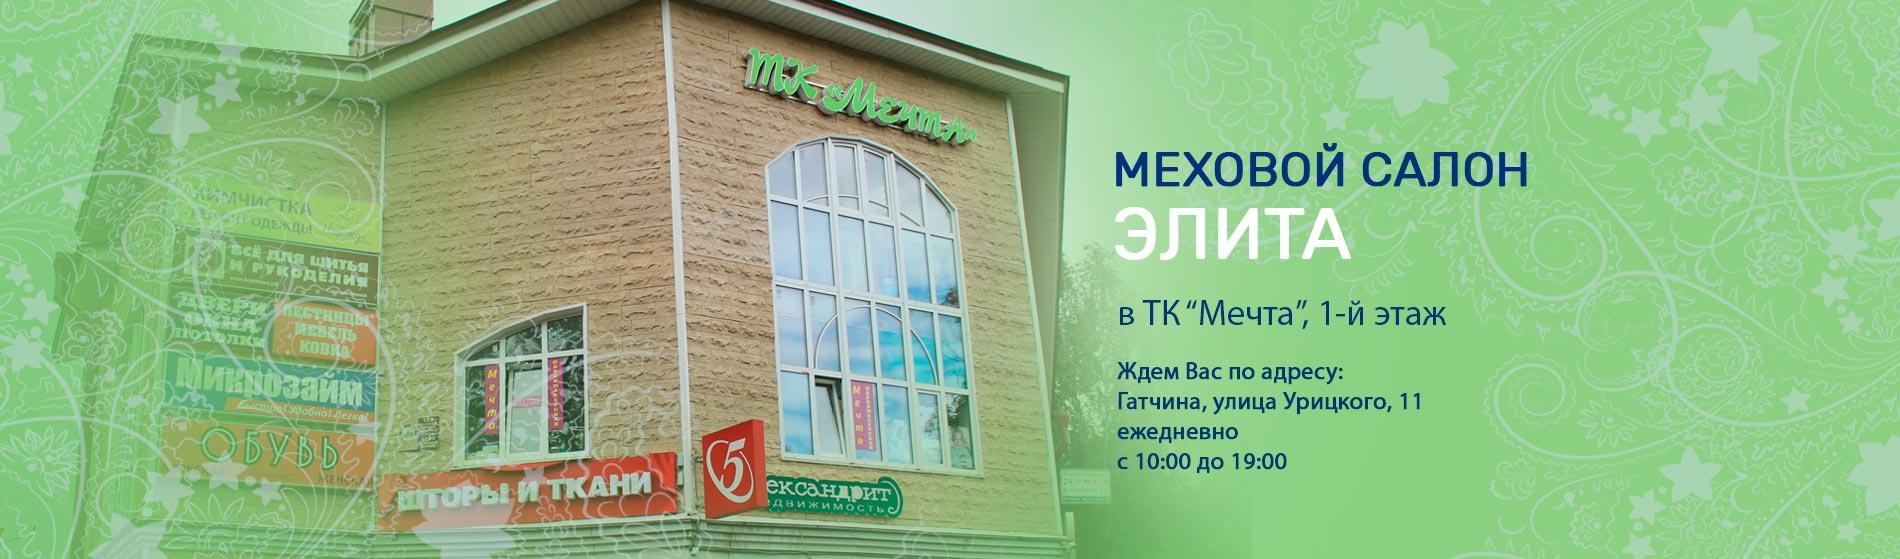 Меховой салон ЭЛИТА по адресу: Гатчина, улица Урицкого, 11, 3й этаж